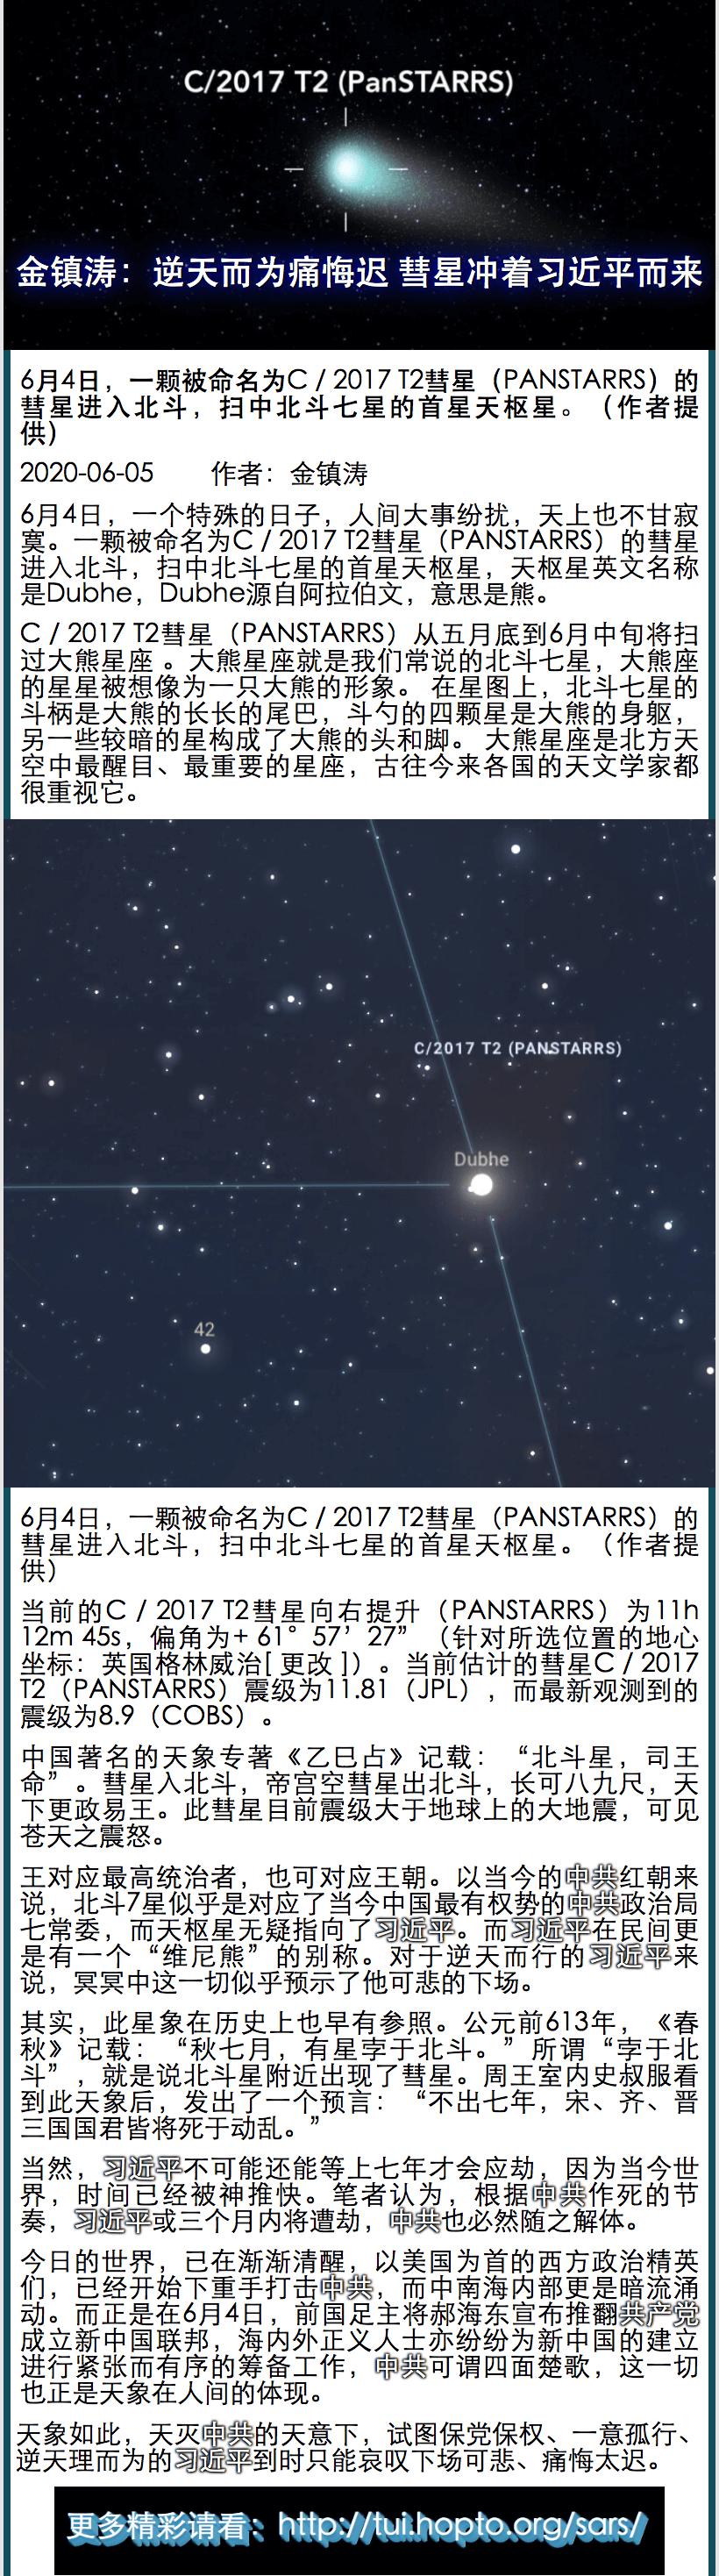 金镇涛:逆天而为痛悔迟 彗星冲着习近平而来